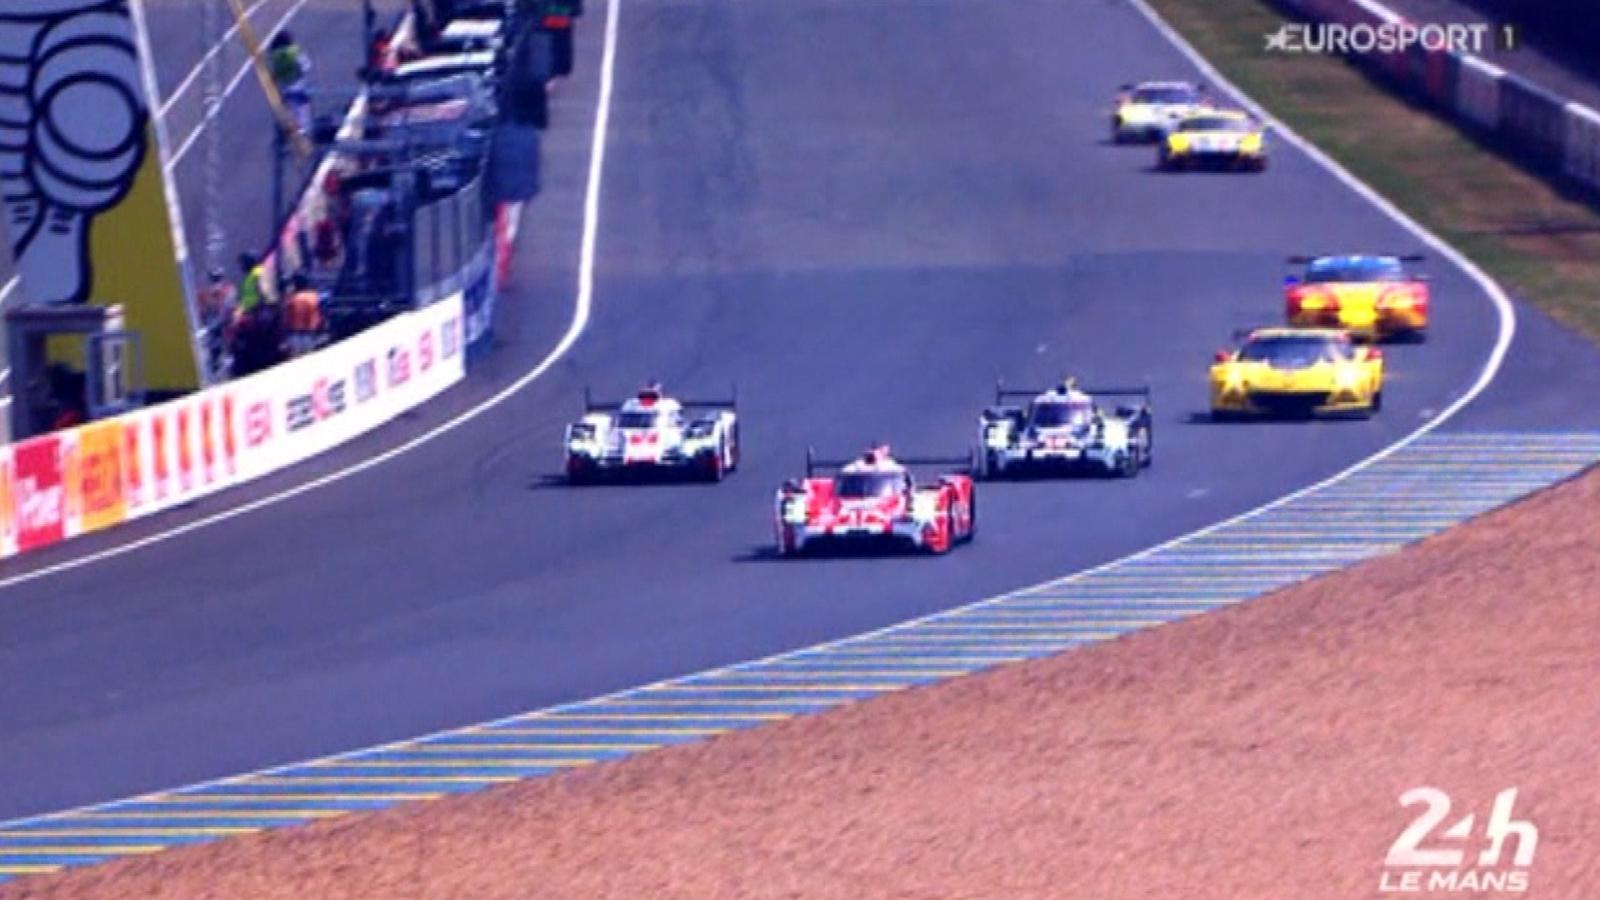 ... moments de l'édition 2015 - 24 Heures du Mans - Video Eurosport